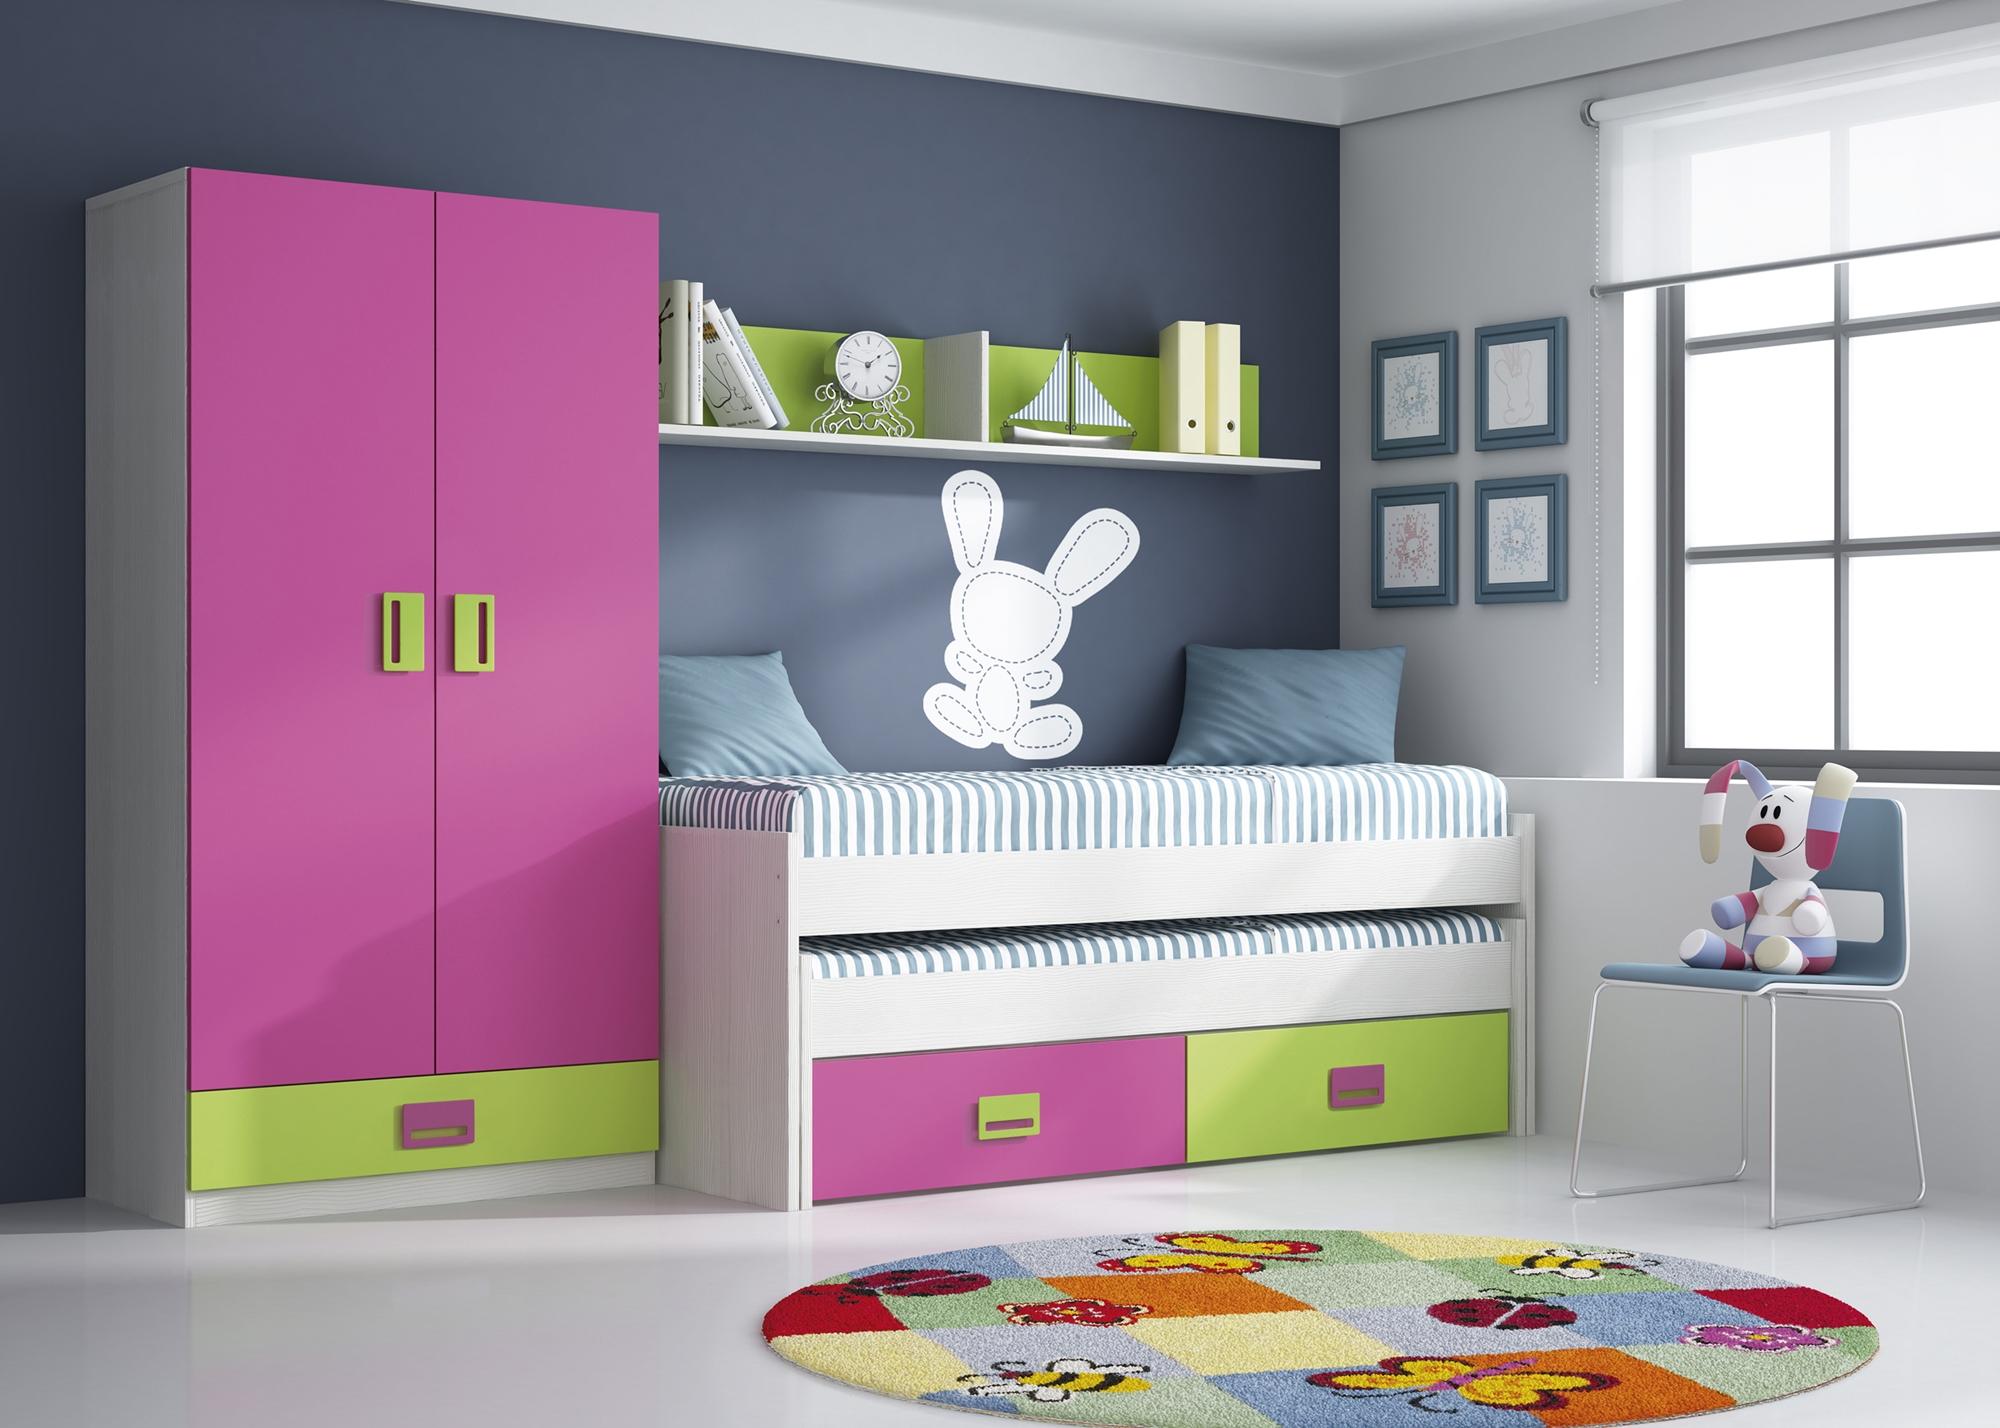 Dormitorios juveniles baratos villalba elefante blanco for Dormitorios juveniles baratos